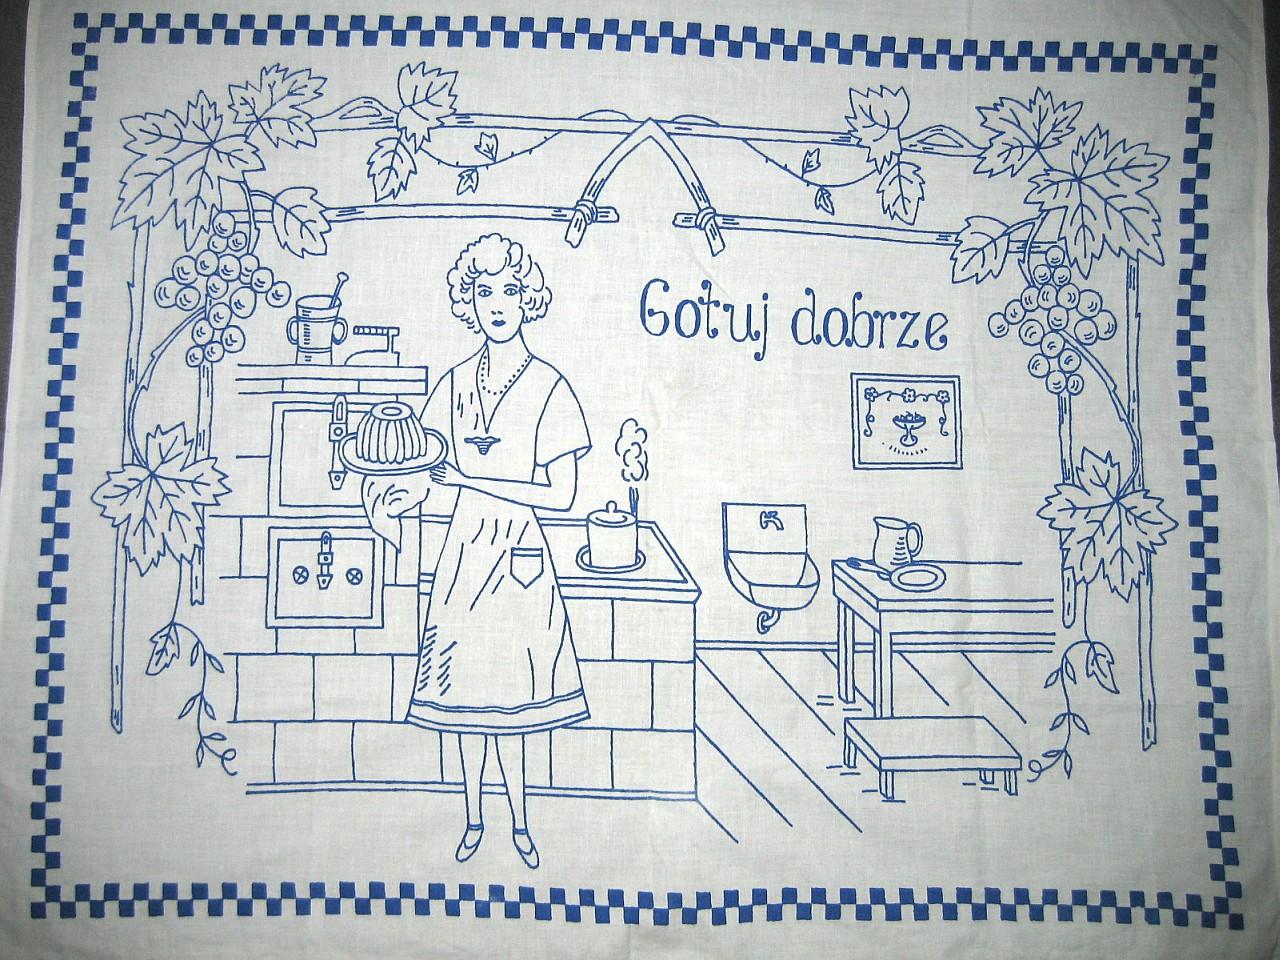 Design 1960 MAKATKA Przykuchenna === GOTUJ DOBRZE